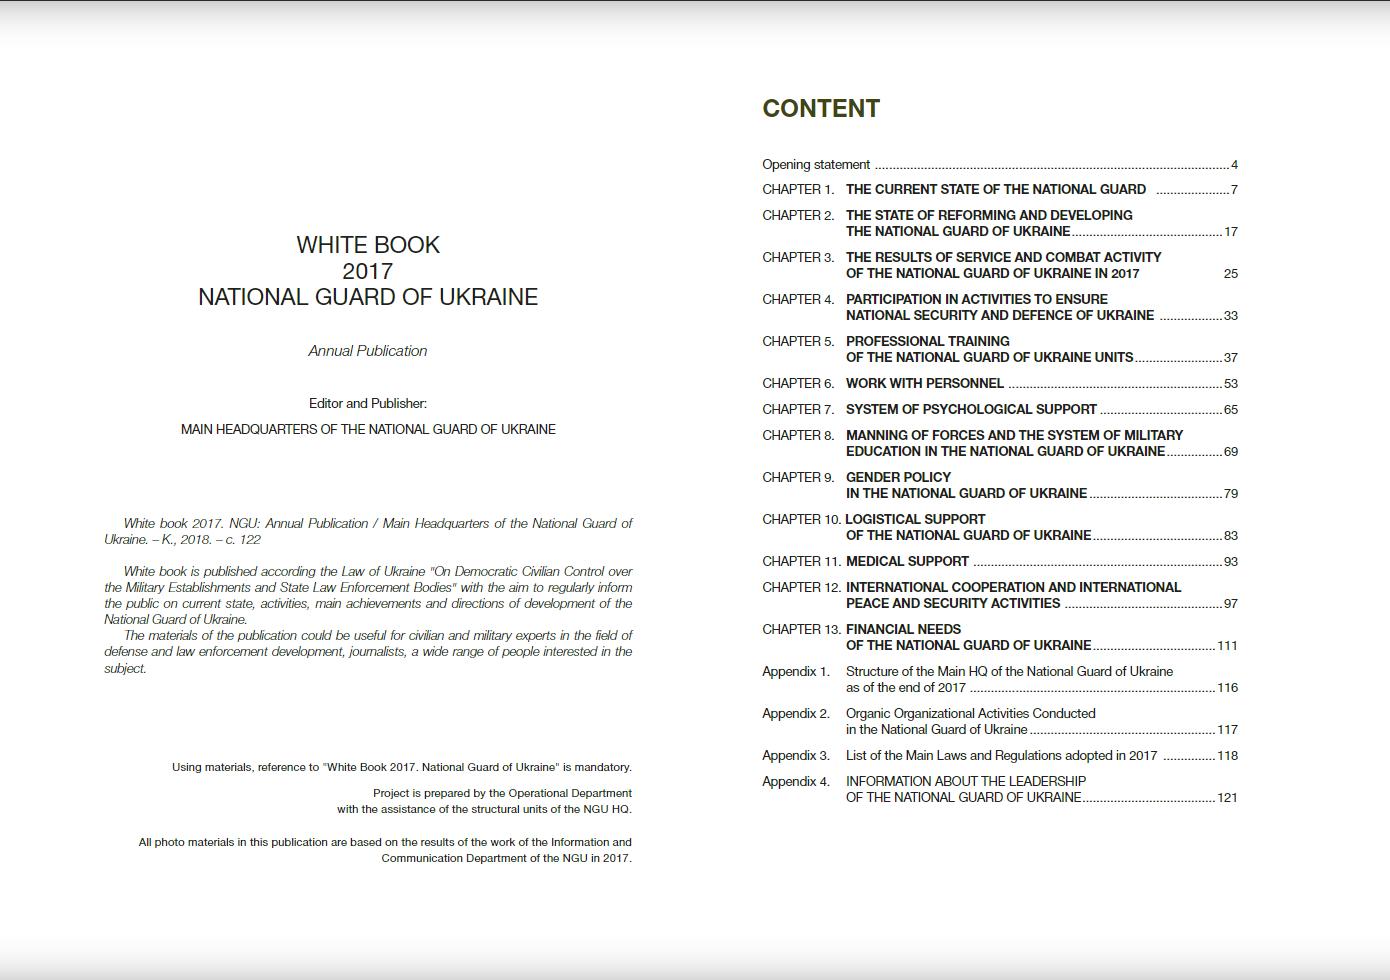 англомовна версія Білої книги Національної гвардії України за 2017 рік